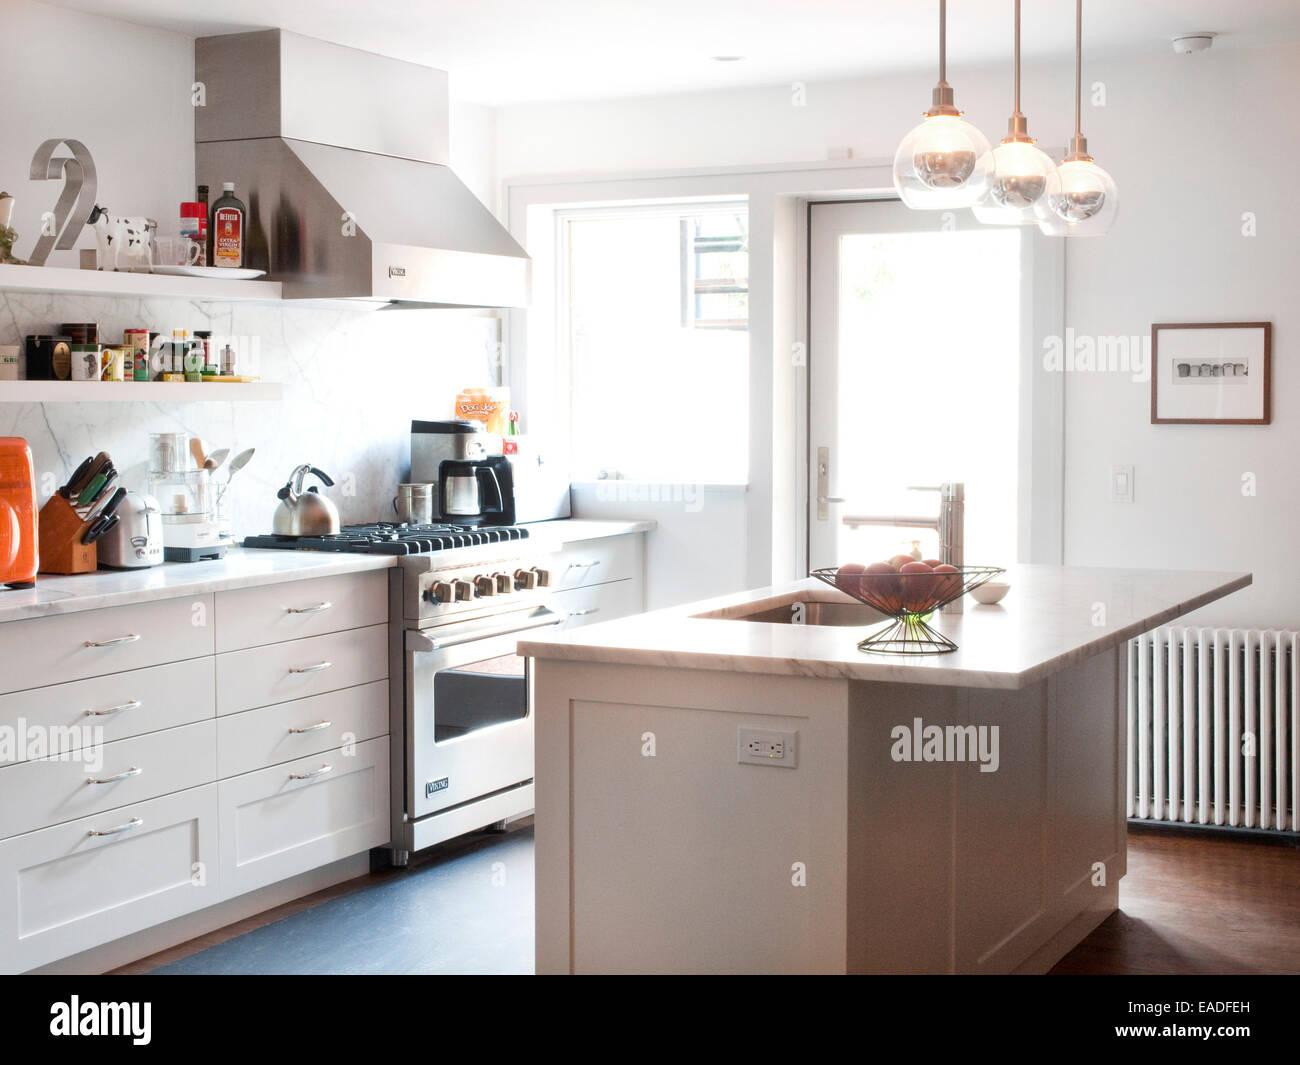 Cocina de casa Imagen De Stock